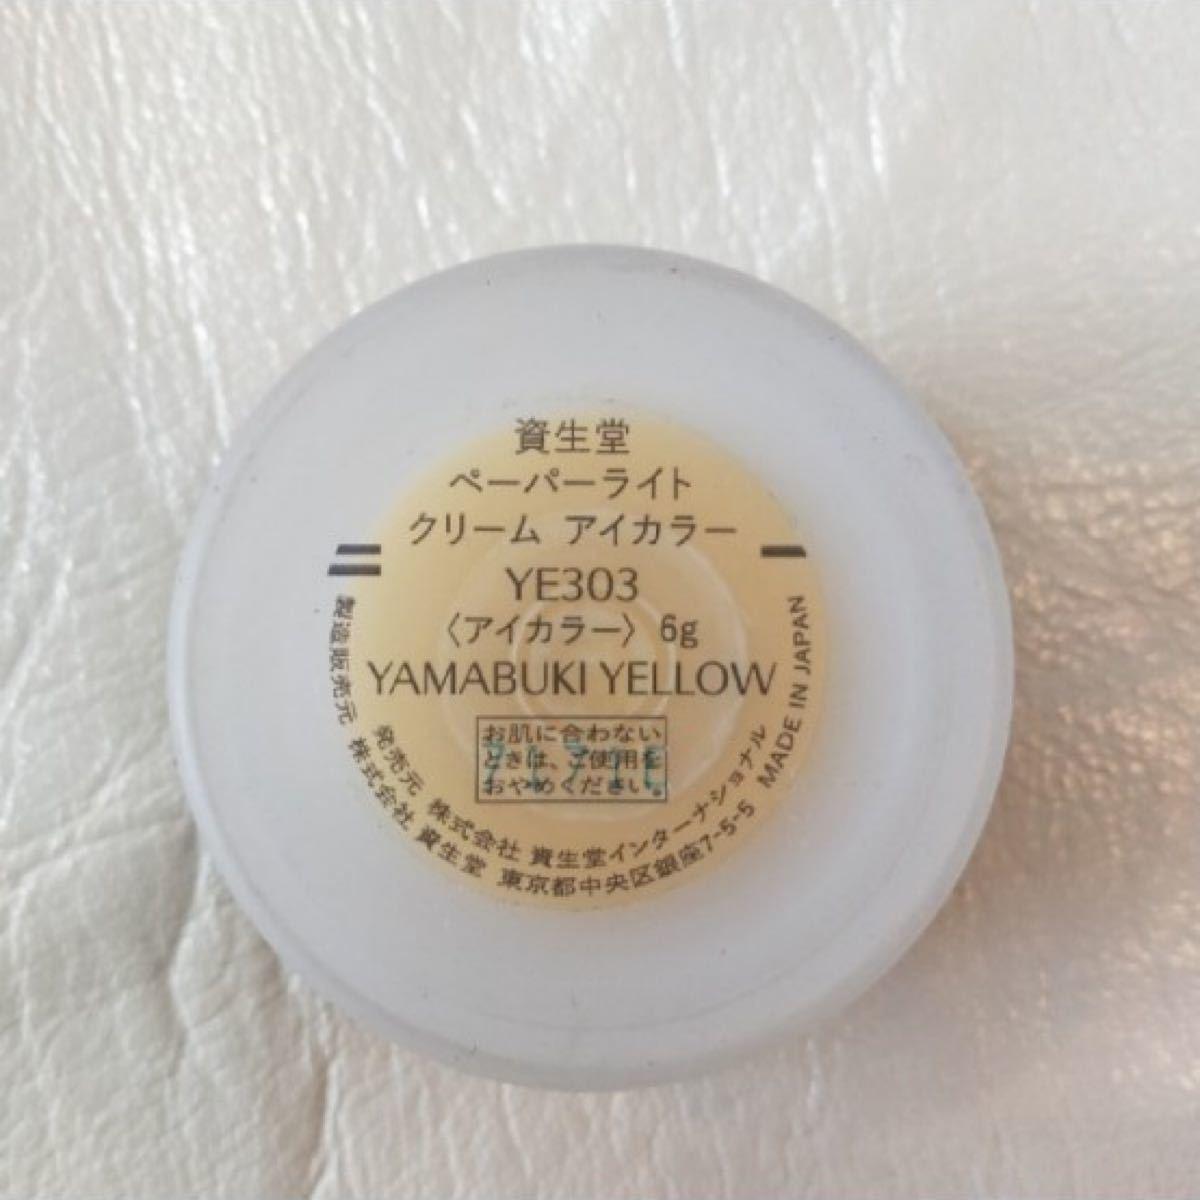 資生堂ペーパーライトクリームアイカラーYE 303